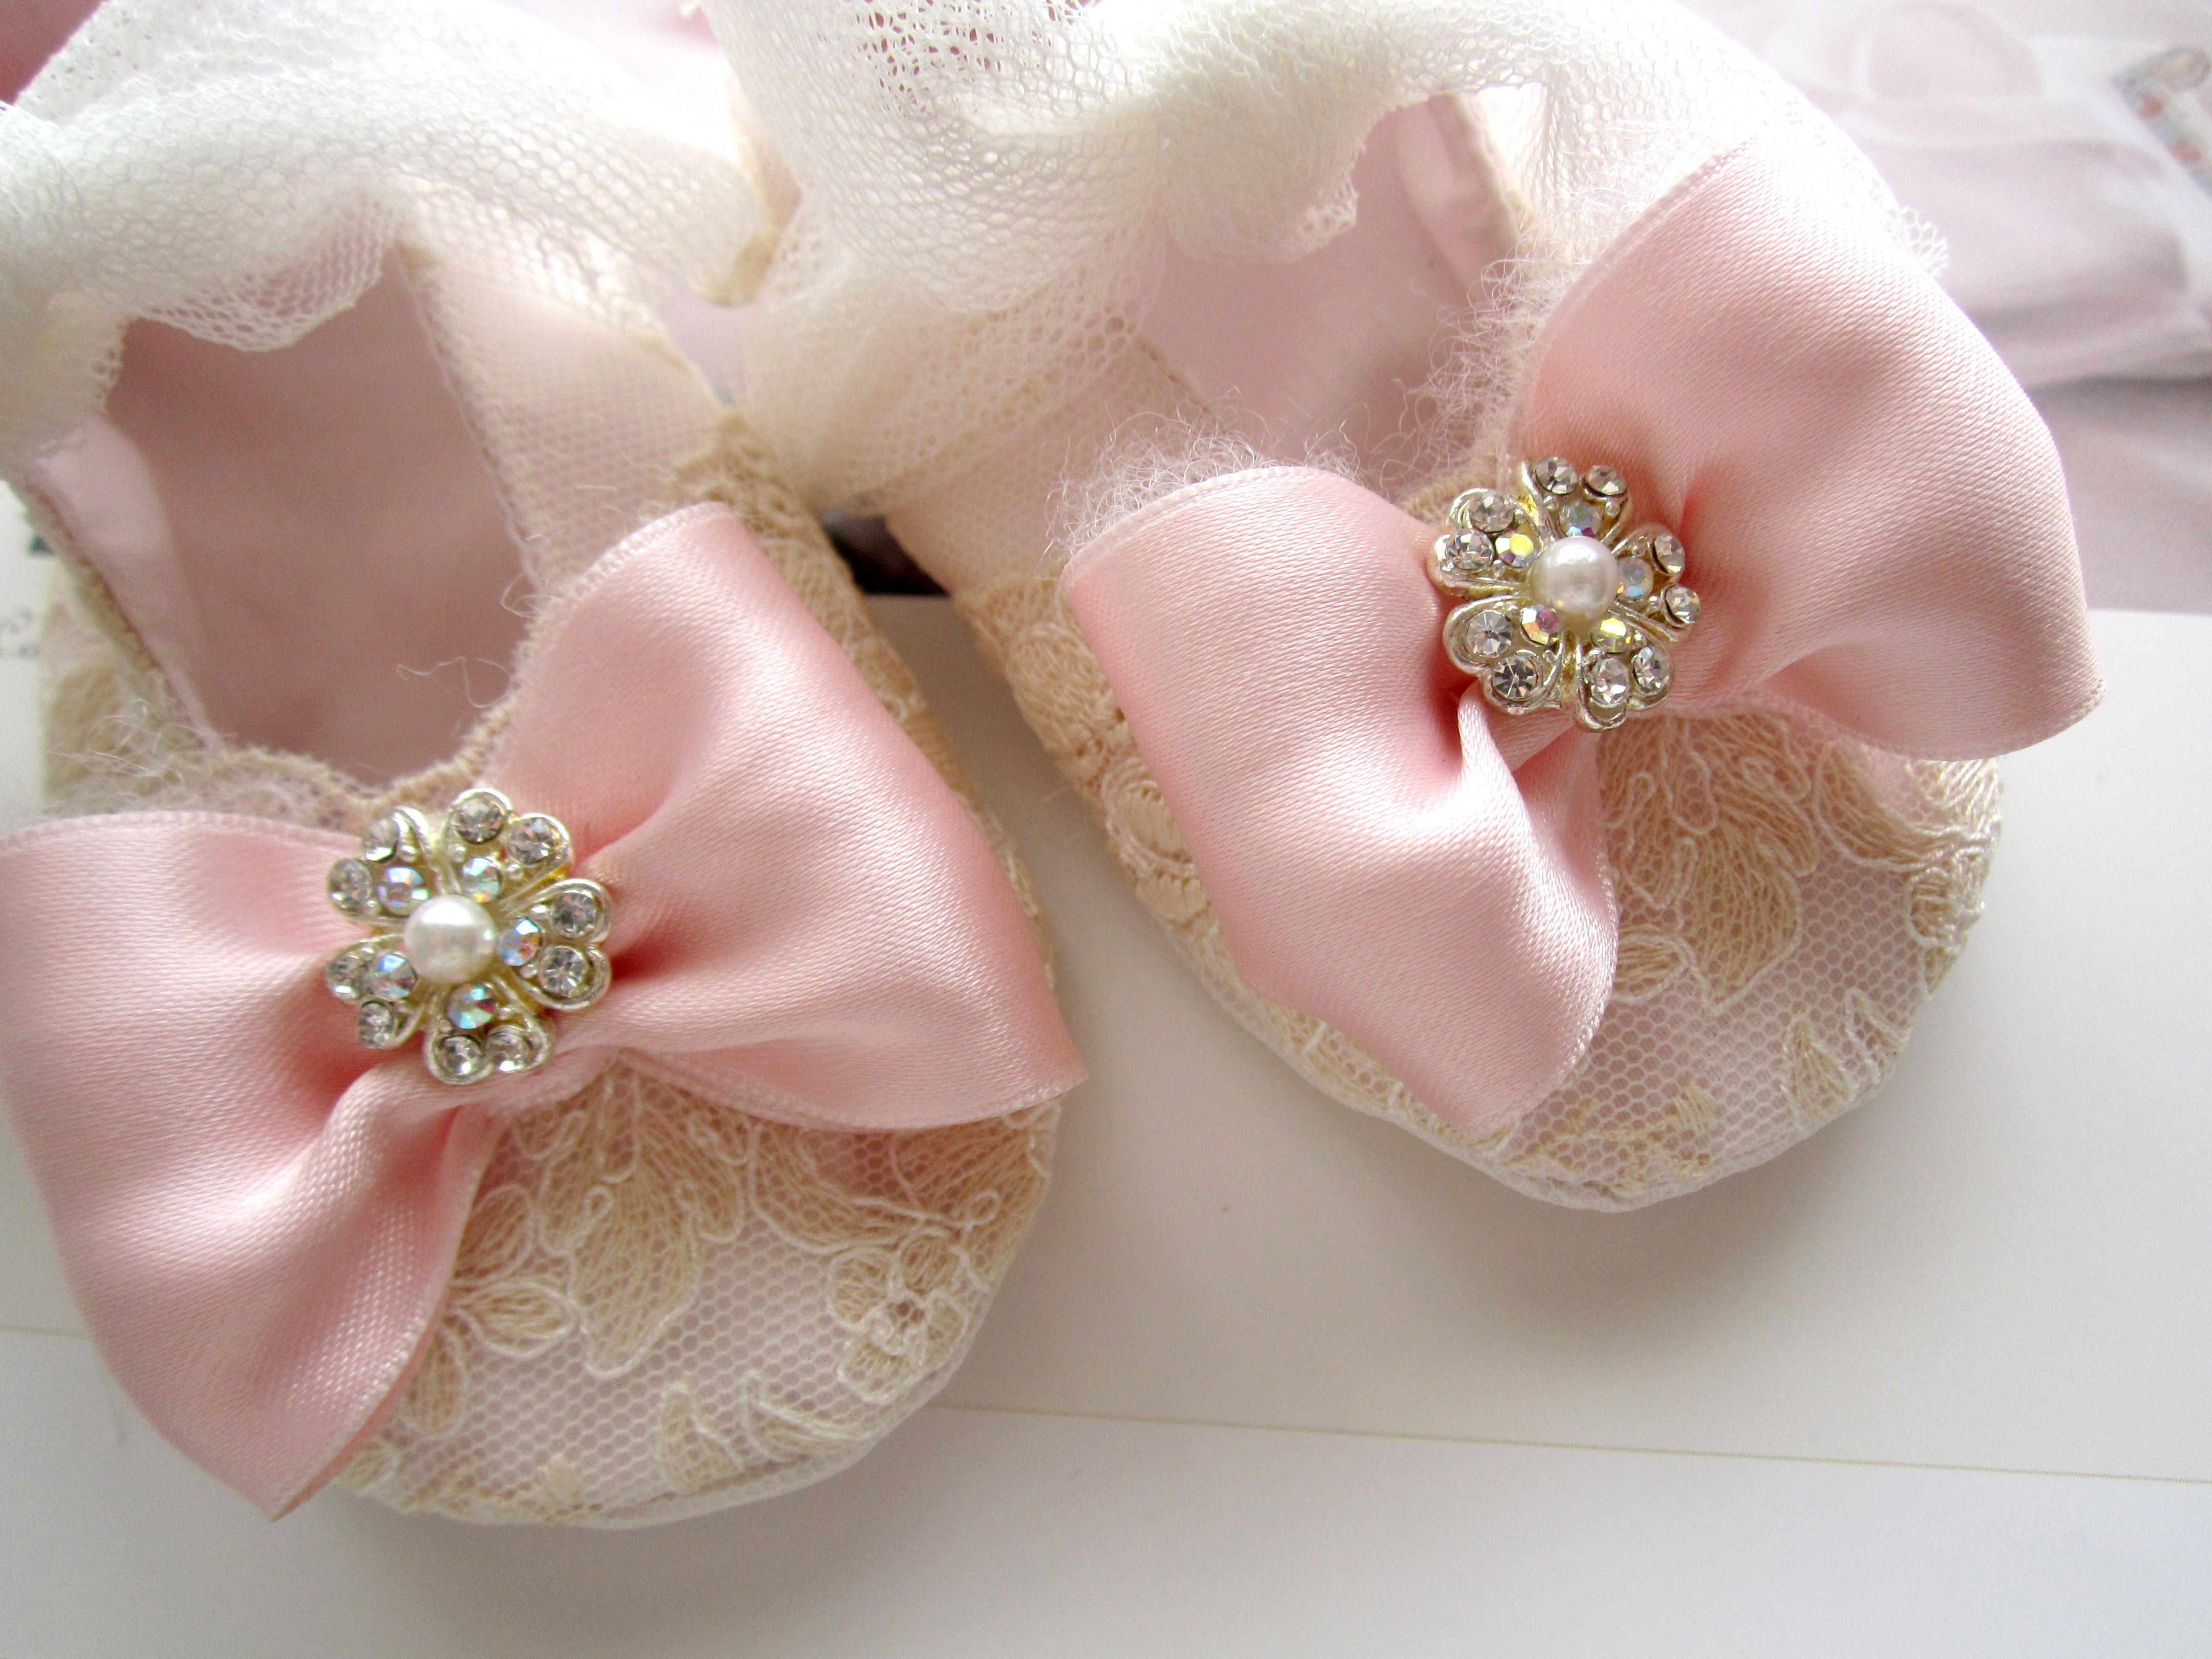 Zapatos de bebe | Zapatillas | Pinterest | Bebe, Zapatos y Zapatos para